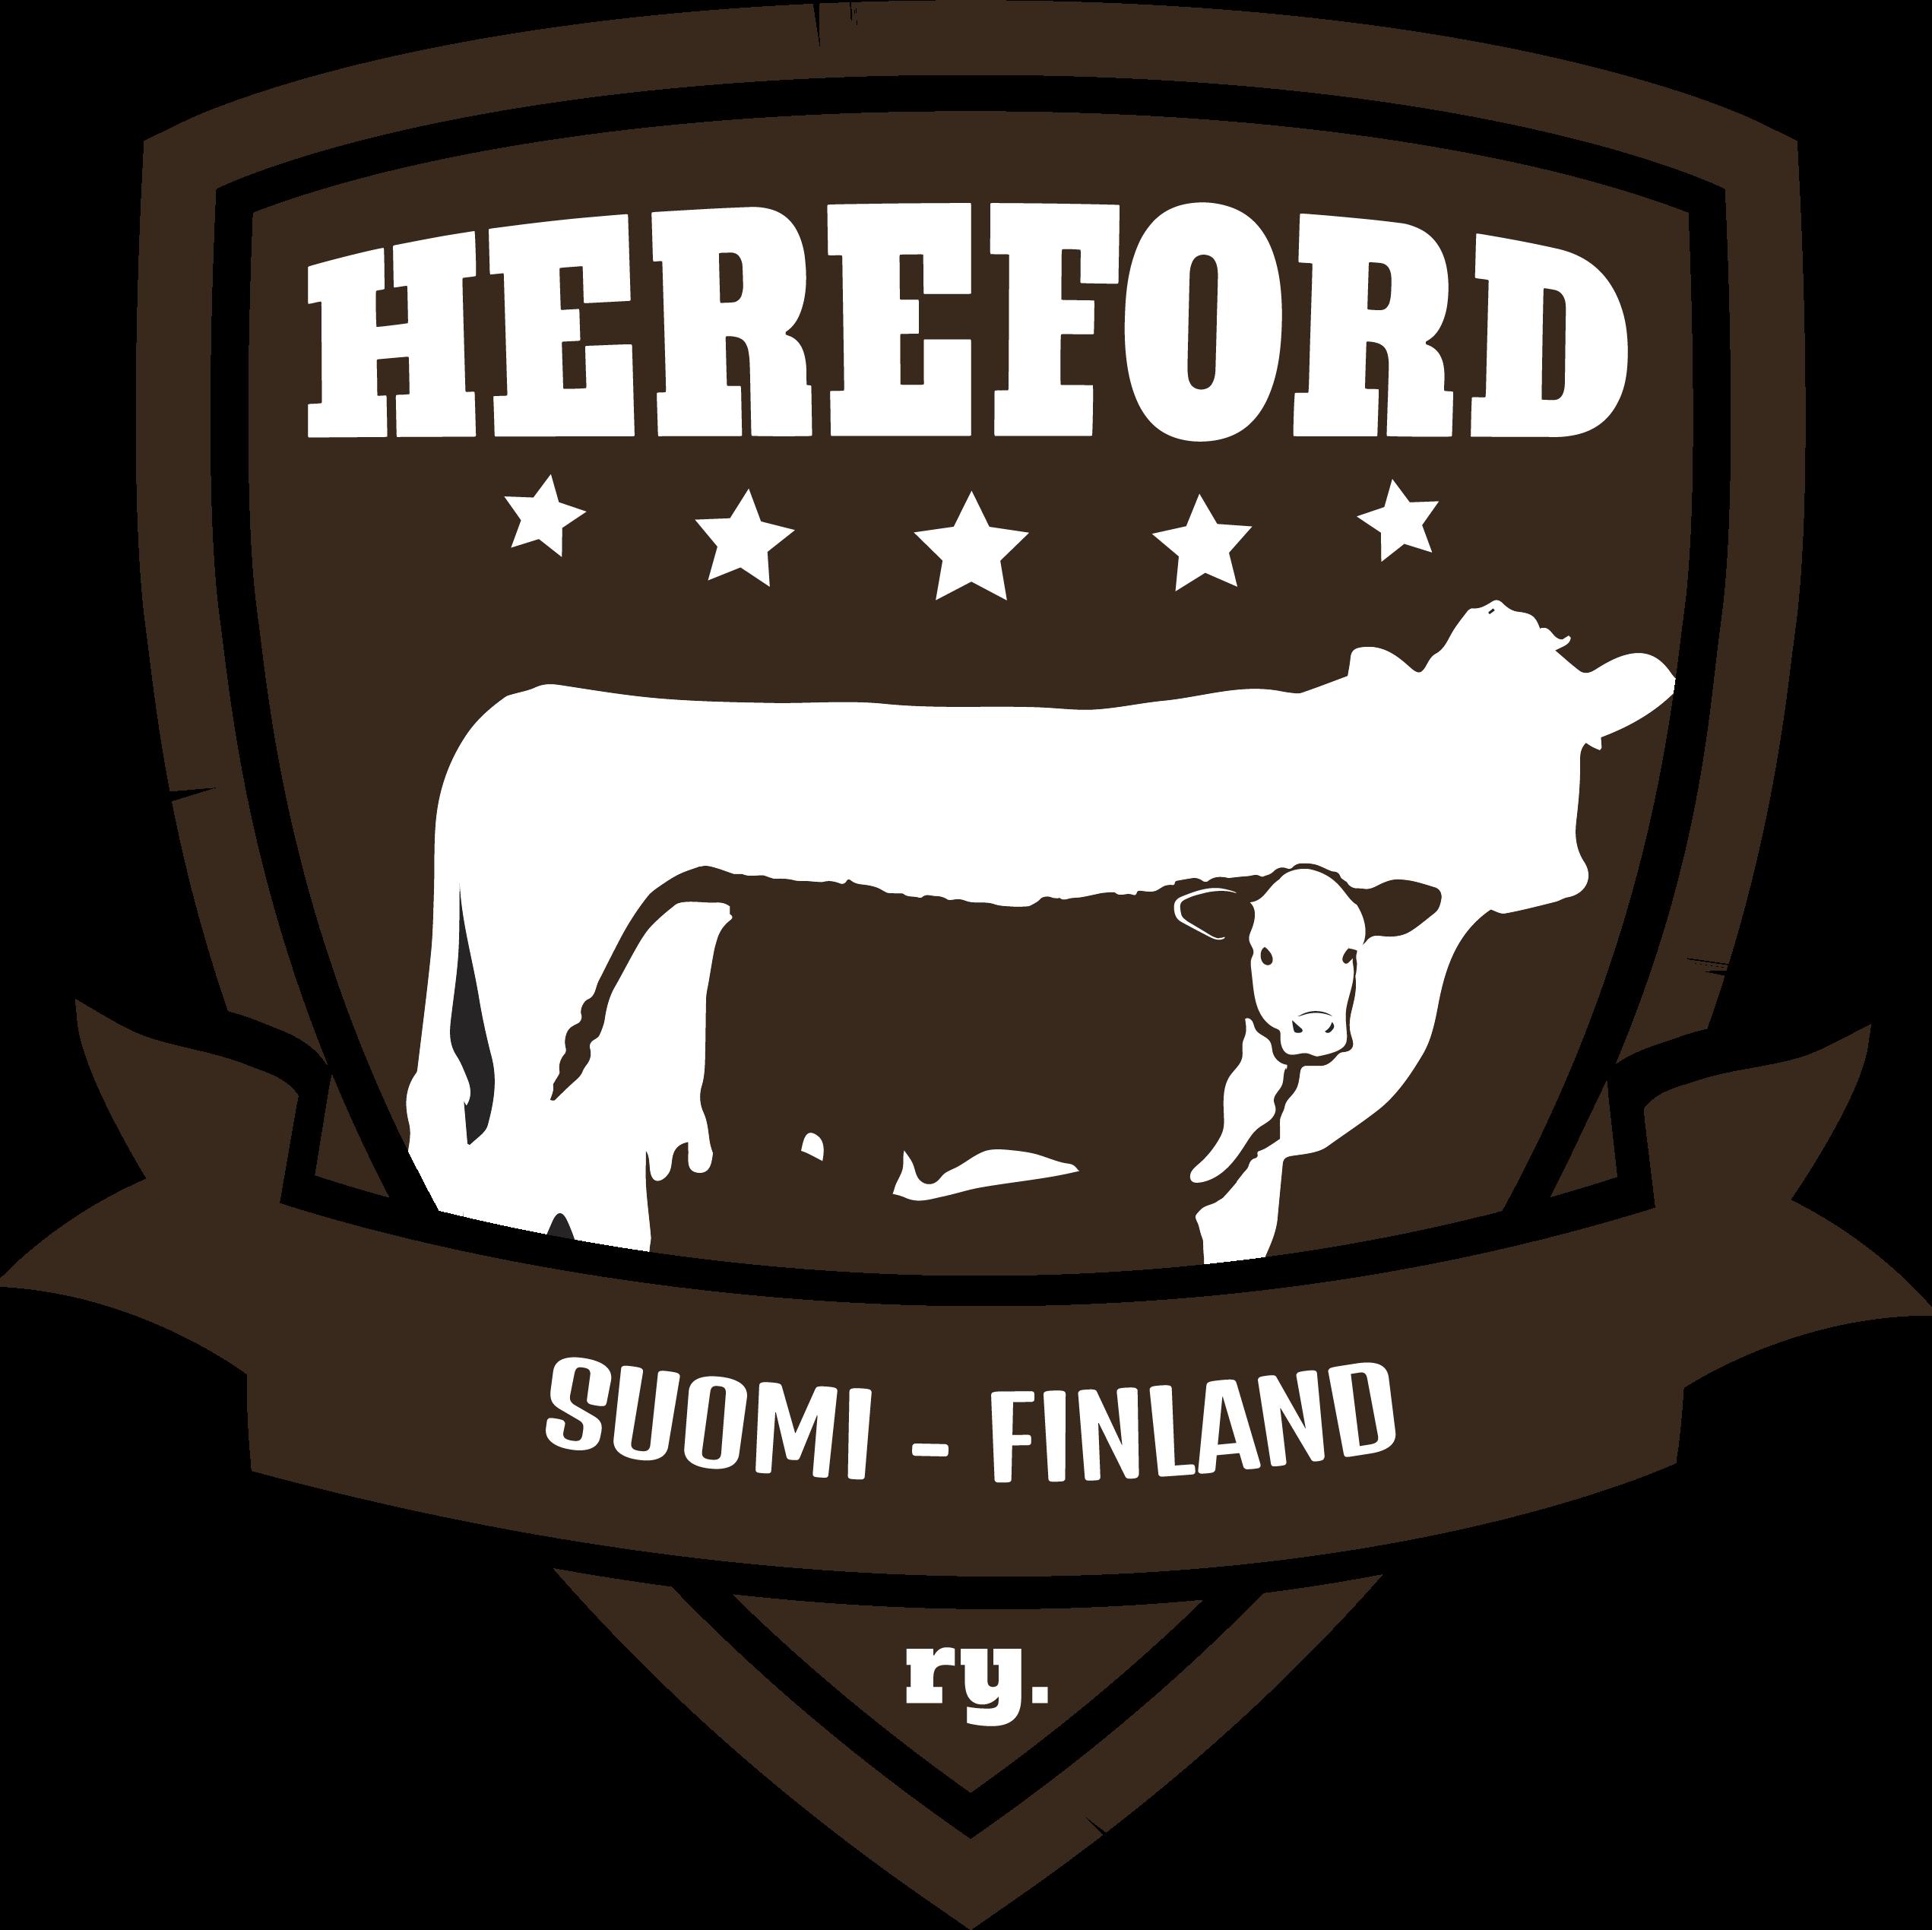 Suomen Hereford ry